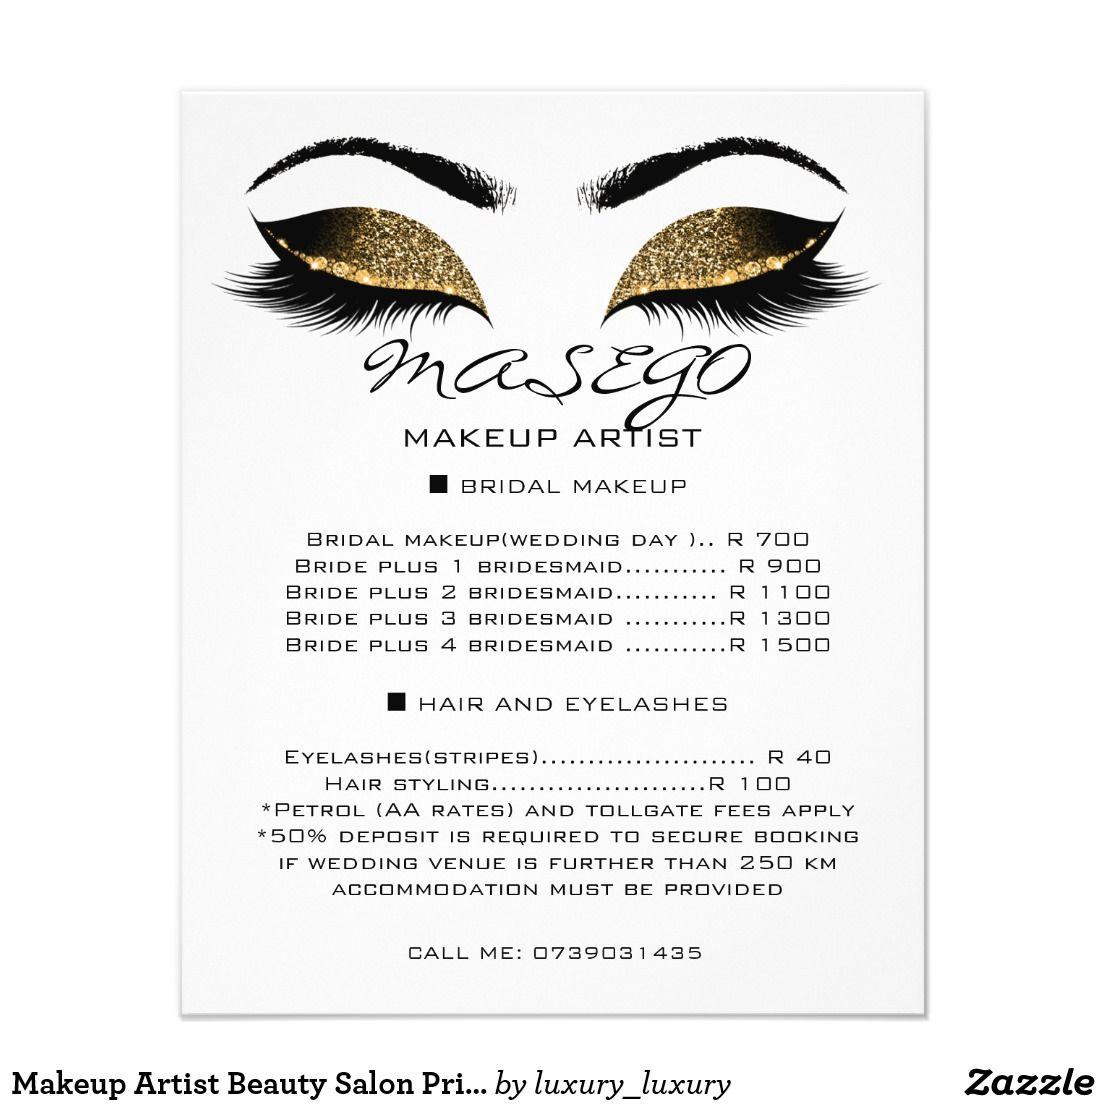 Makeup Artist Beauty Salon Price List Flyer White Zazzle Com Beauty Salon Price List Salon Price List Beauty Salon